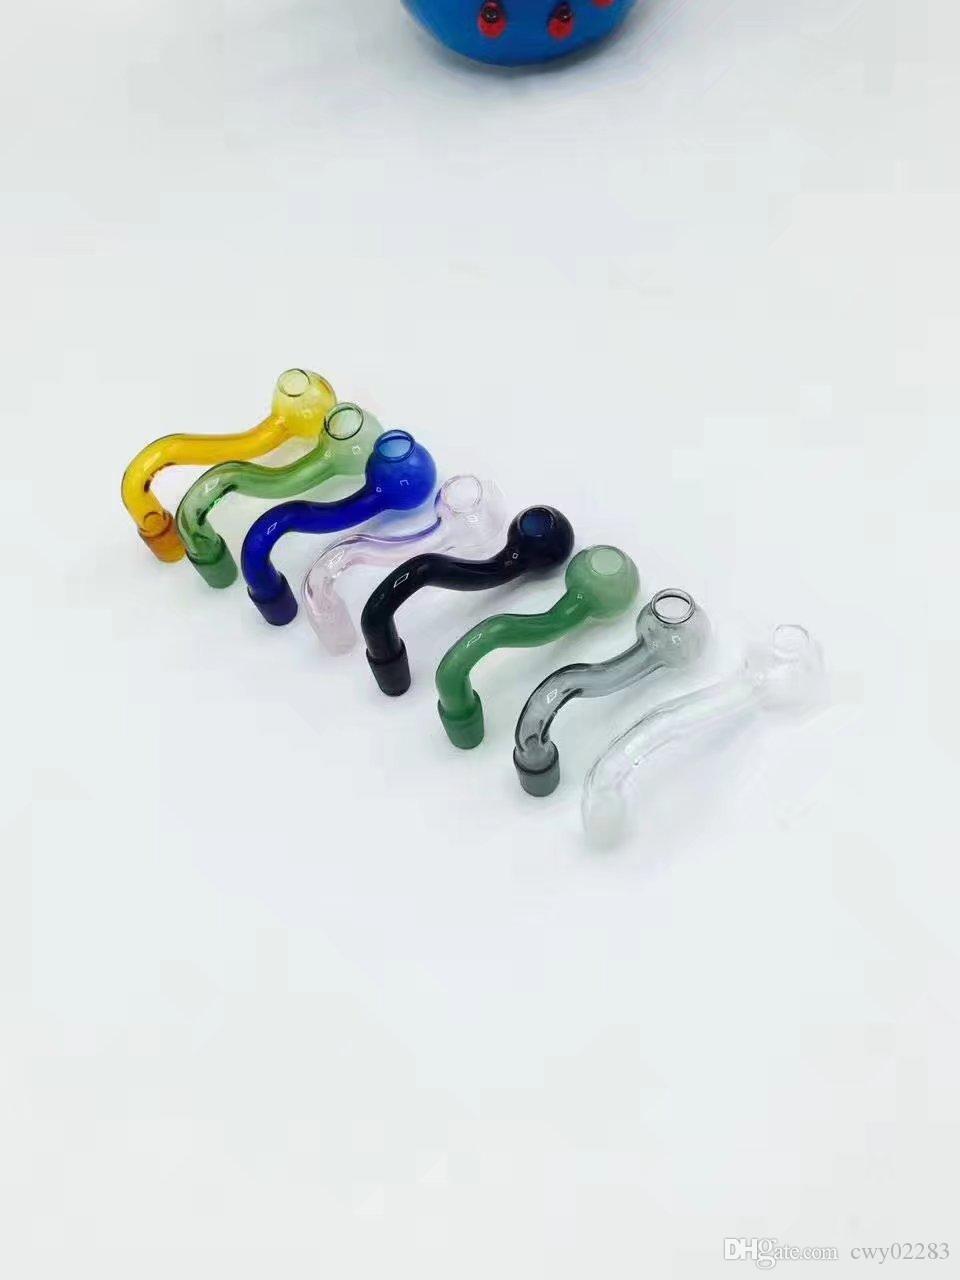 Цвет S дым горшок , стеклянные бонги аксессуары уникальный масляная горелка стеклянные трубы трубы водопровода стеклянная труба нефтяные вышки курение с капельницей